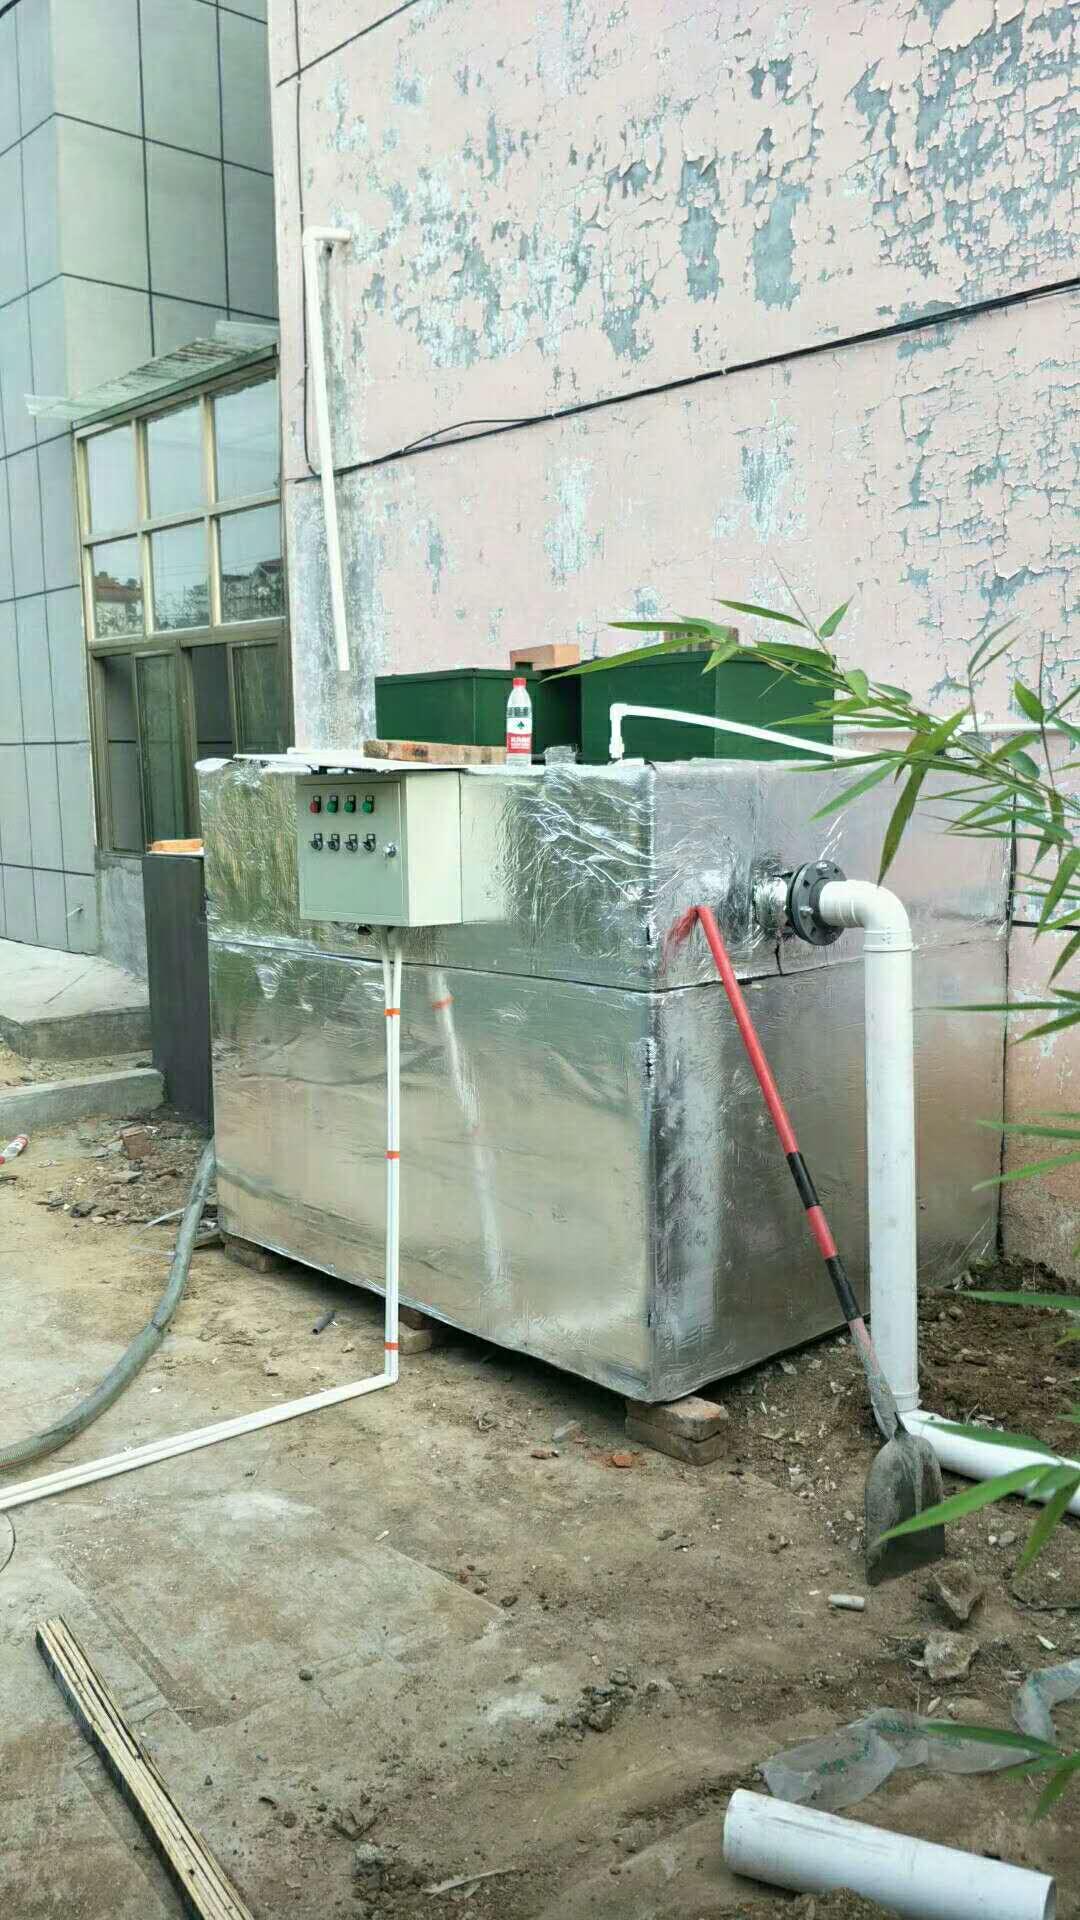 规模大的屠宰污水处理设备生产商,陕西屠宰污水处理设备多少钱